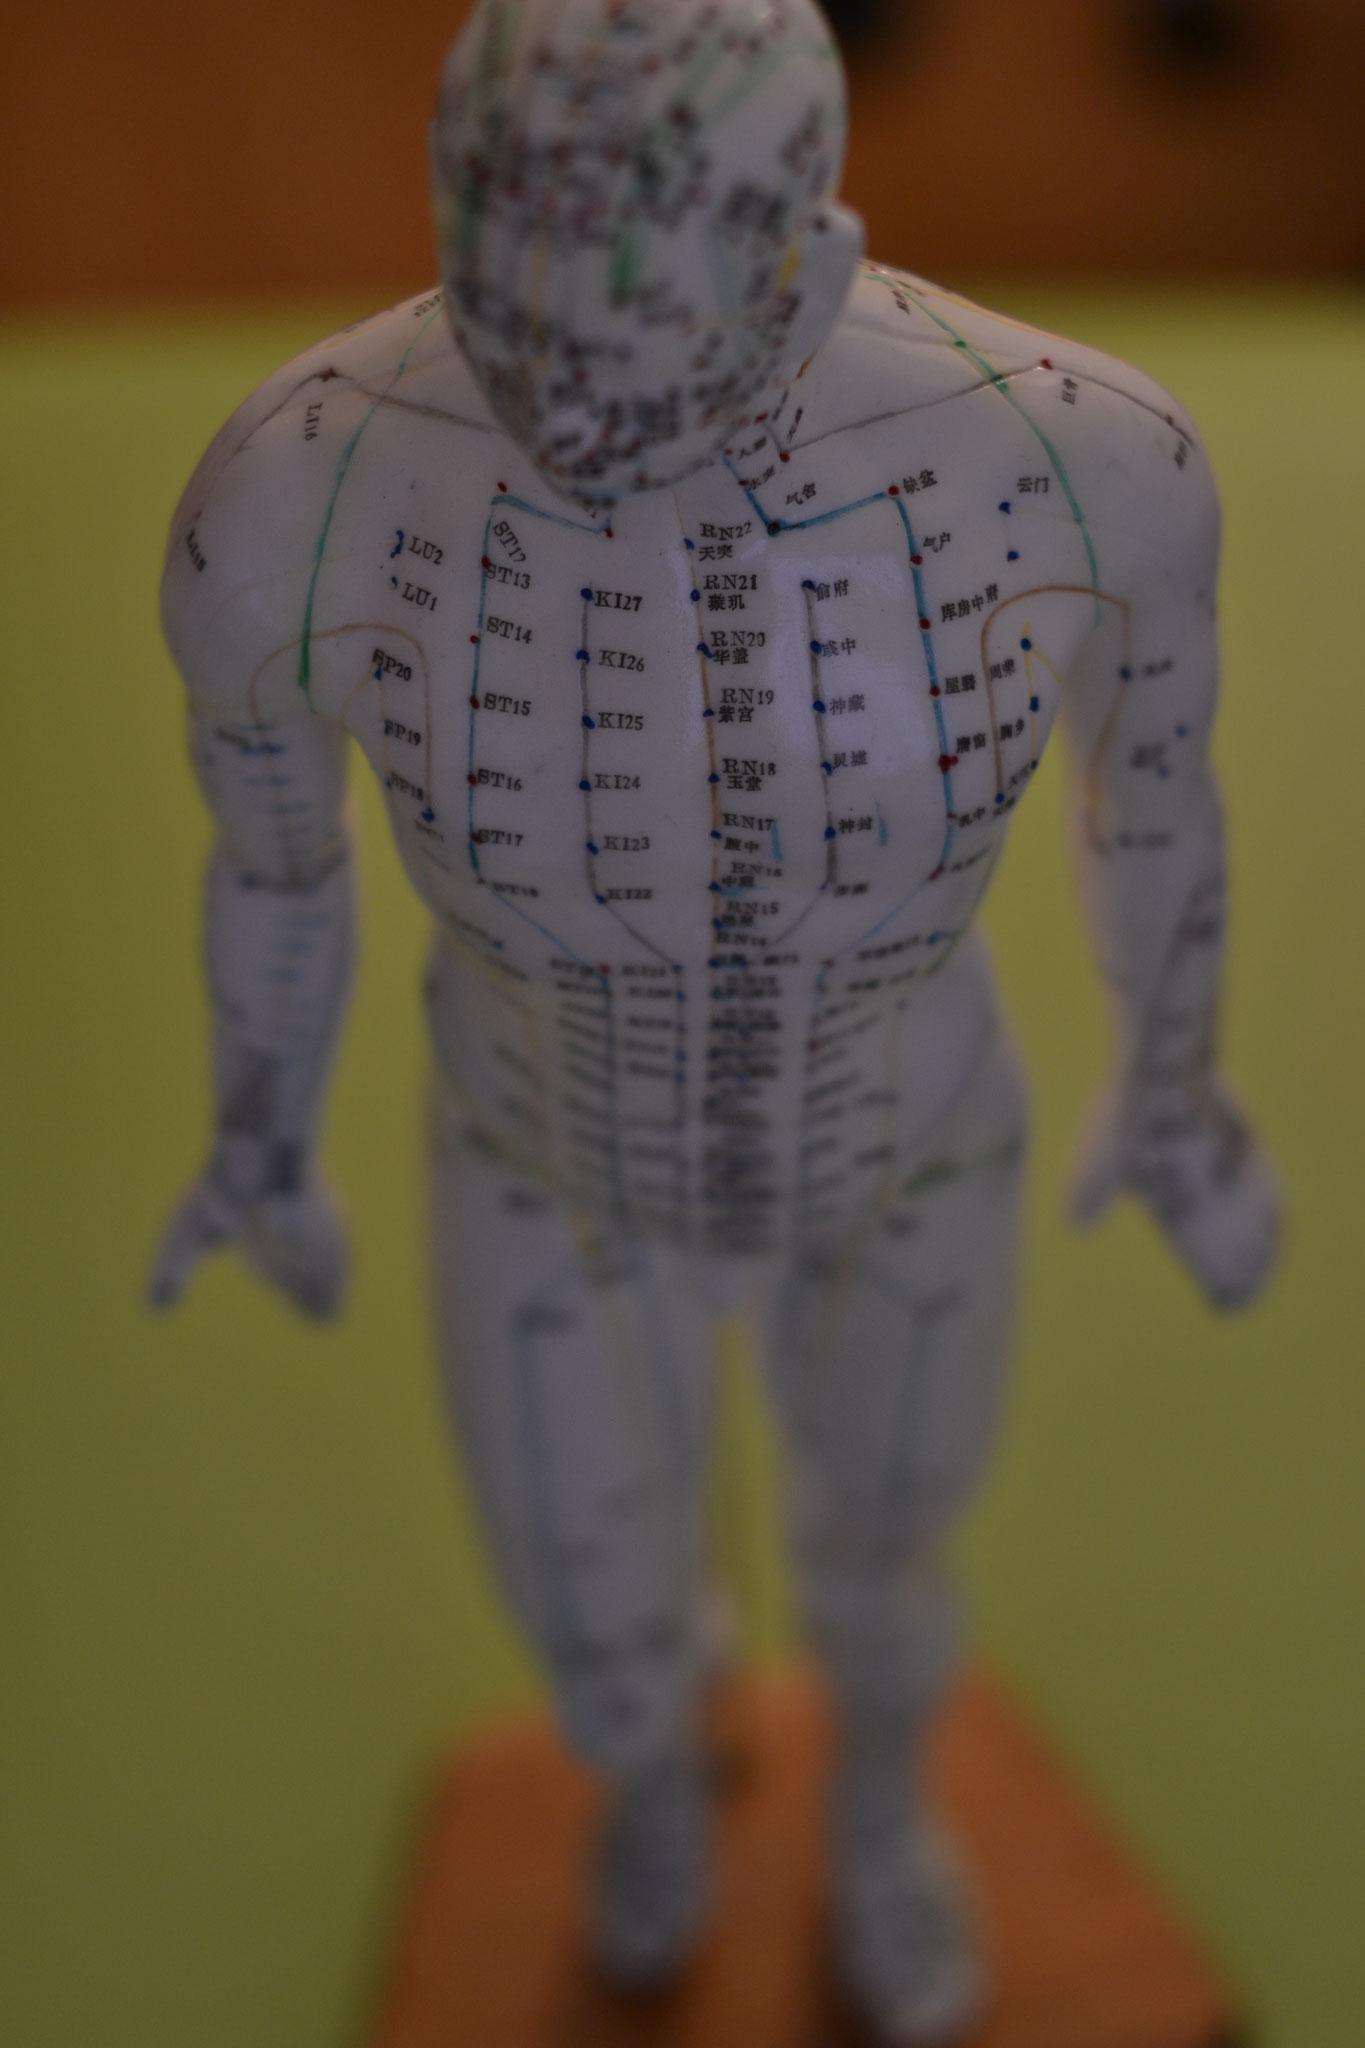 das berühren der im zusammenhang stehenden akupunkturpunkte kann grosses (aus-)lösen